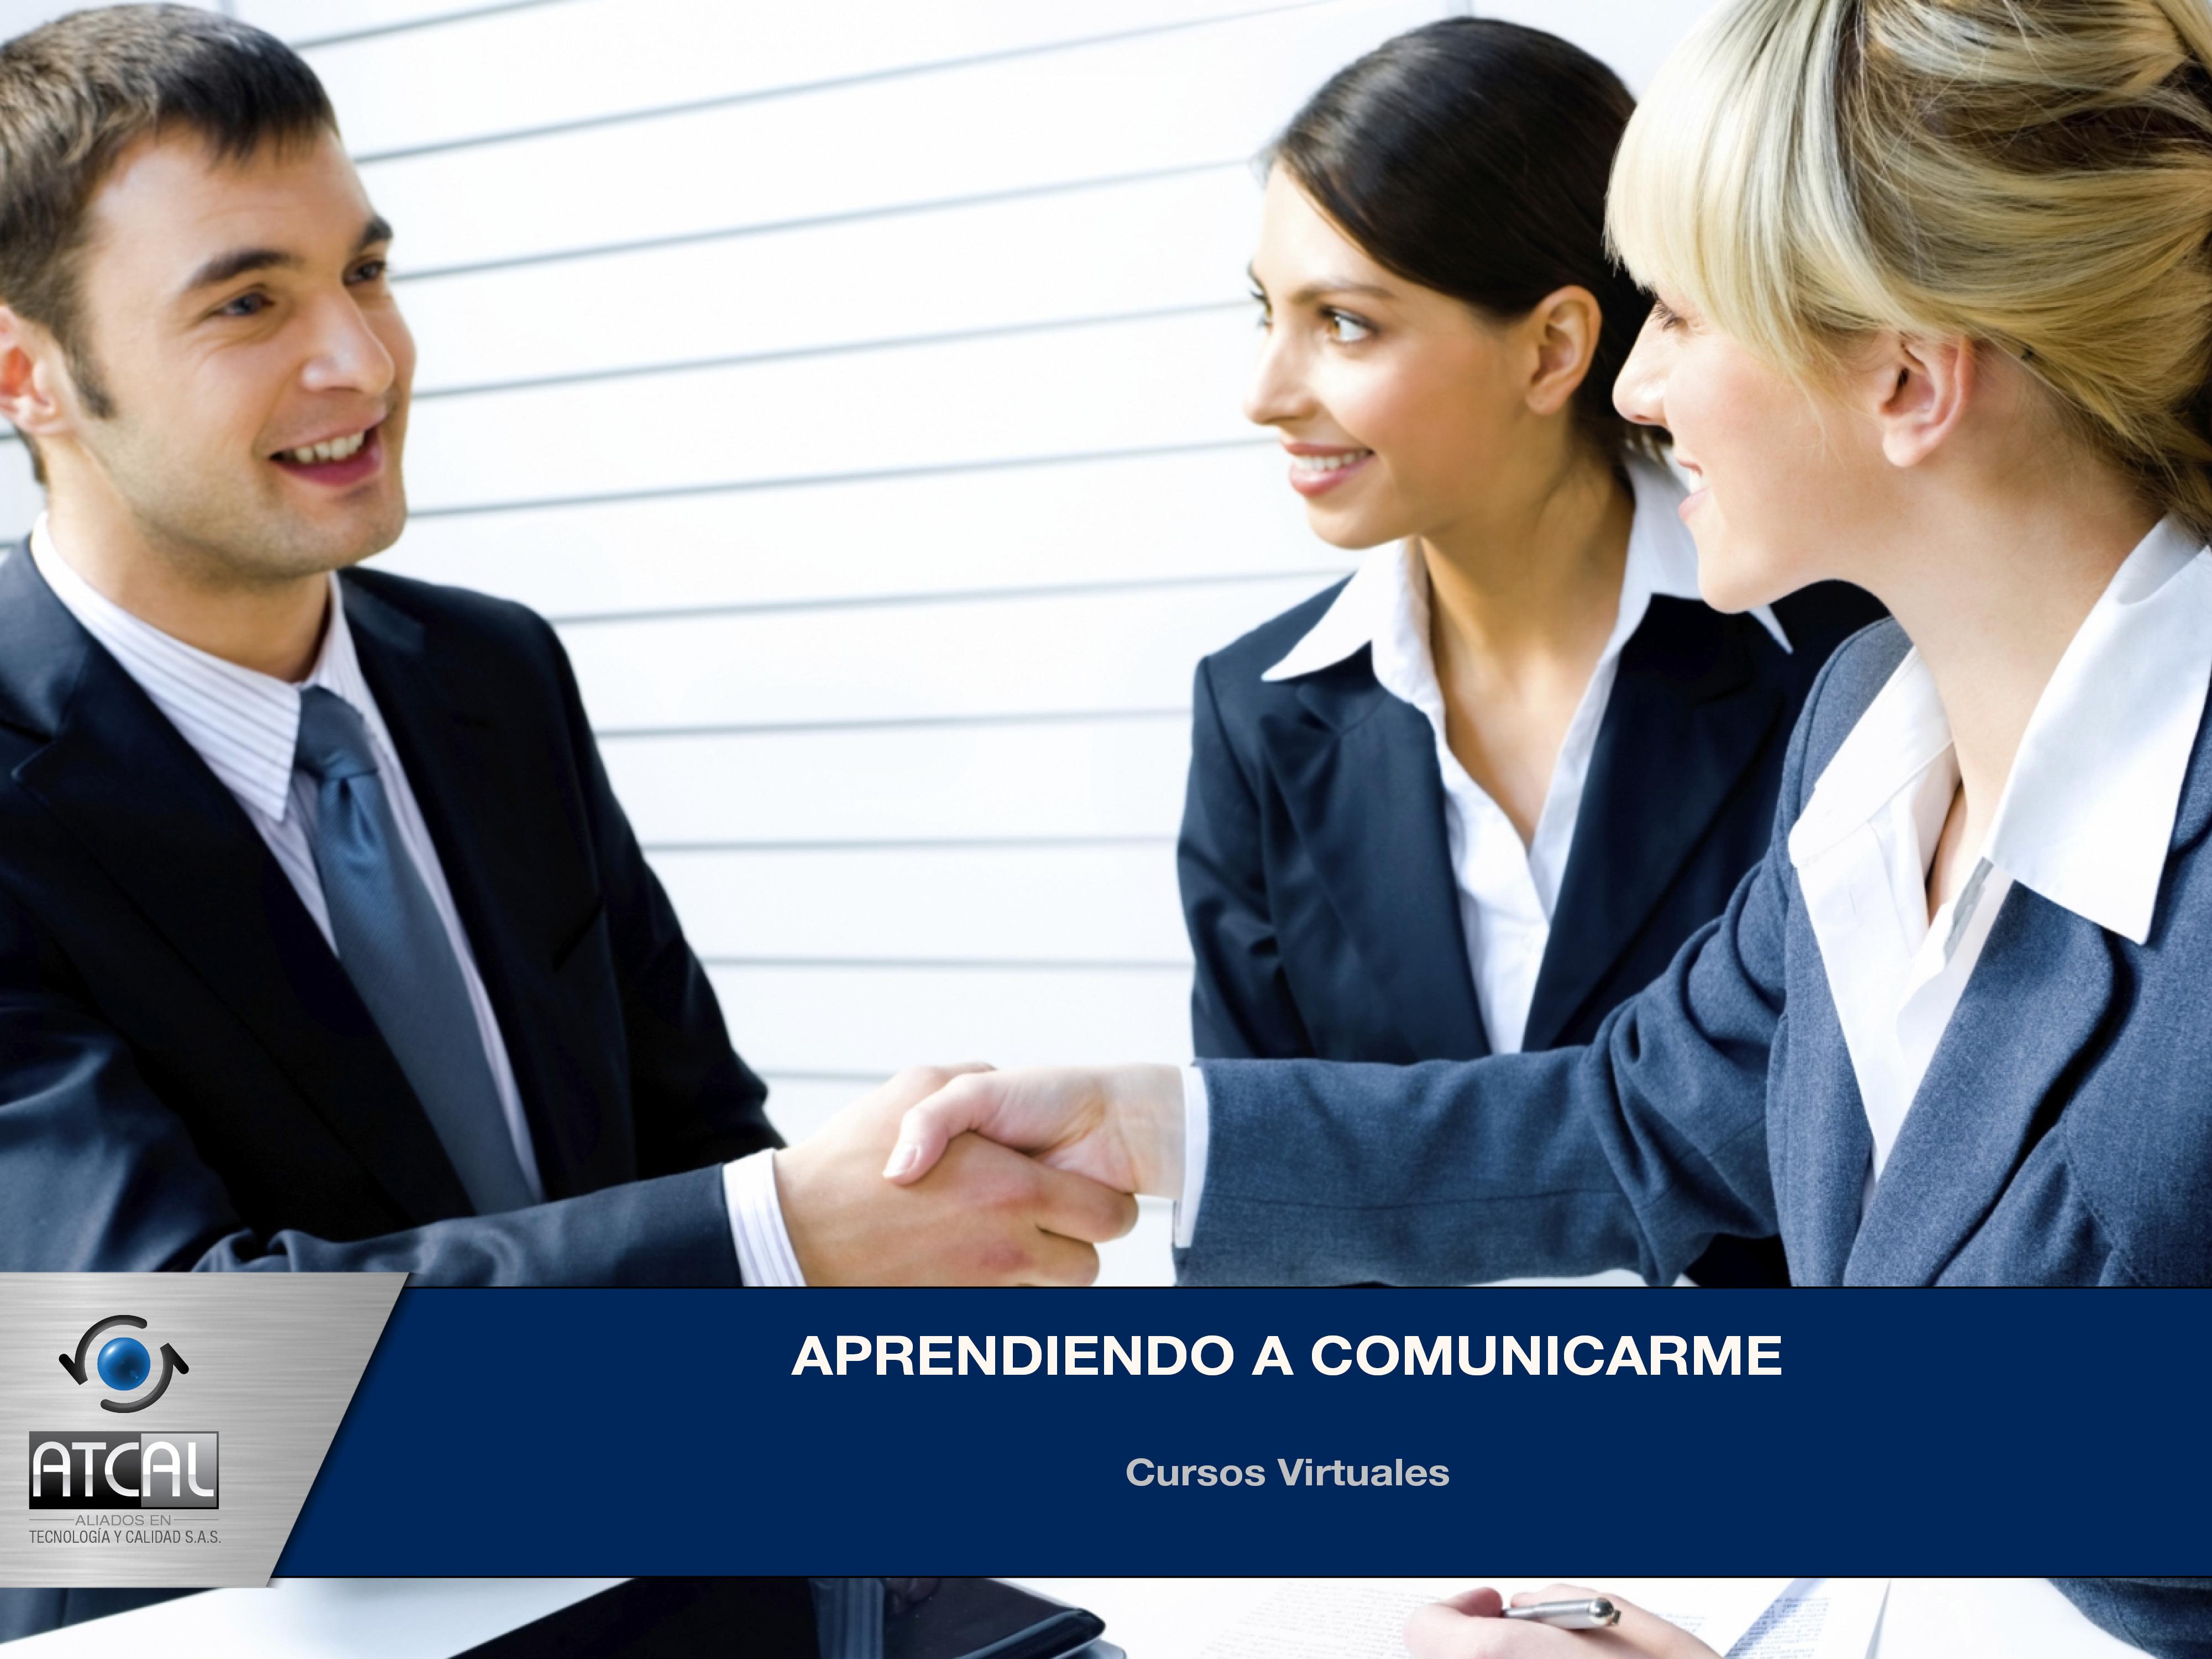 Aprendiendo a Comunicarme